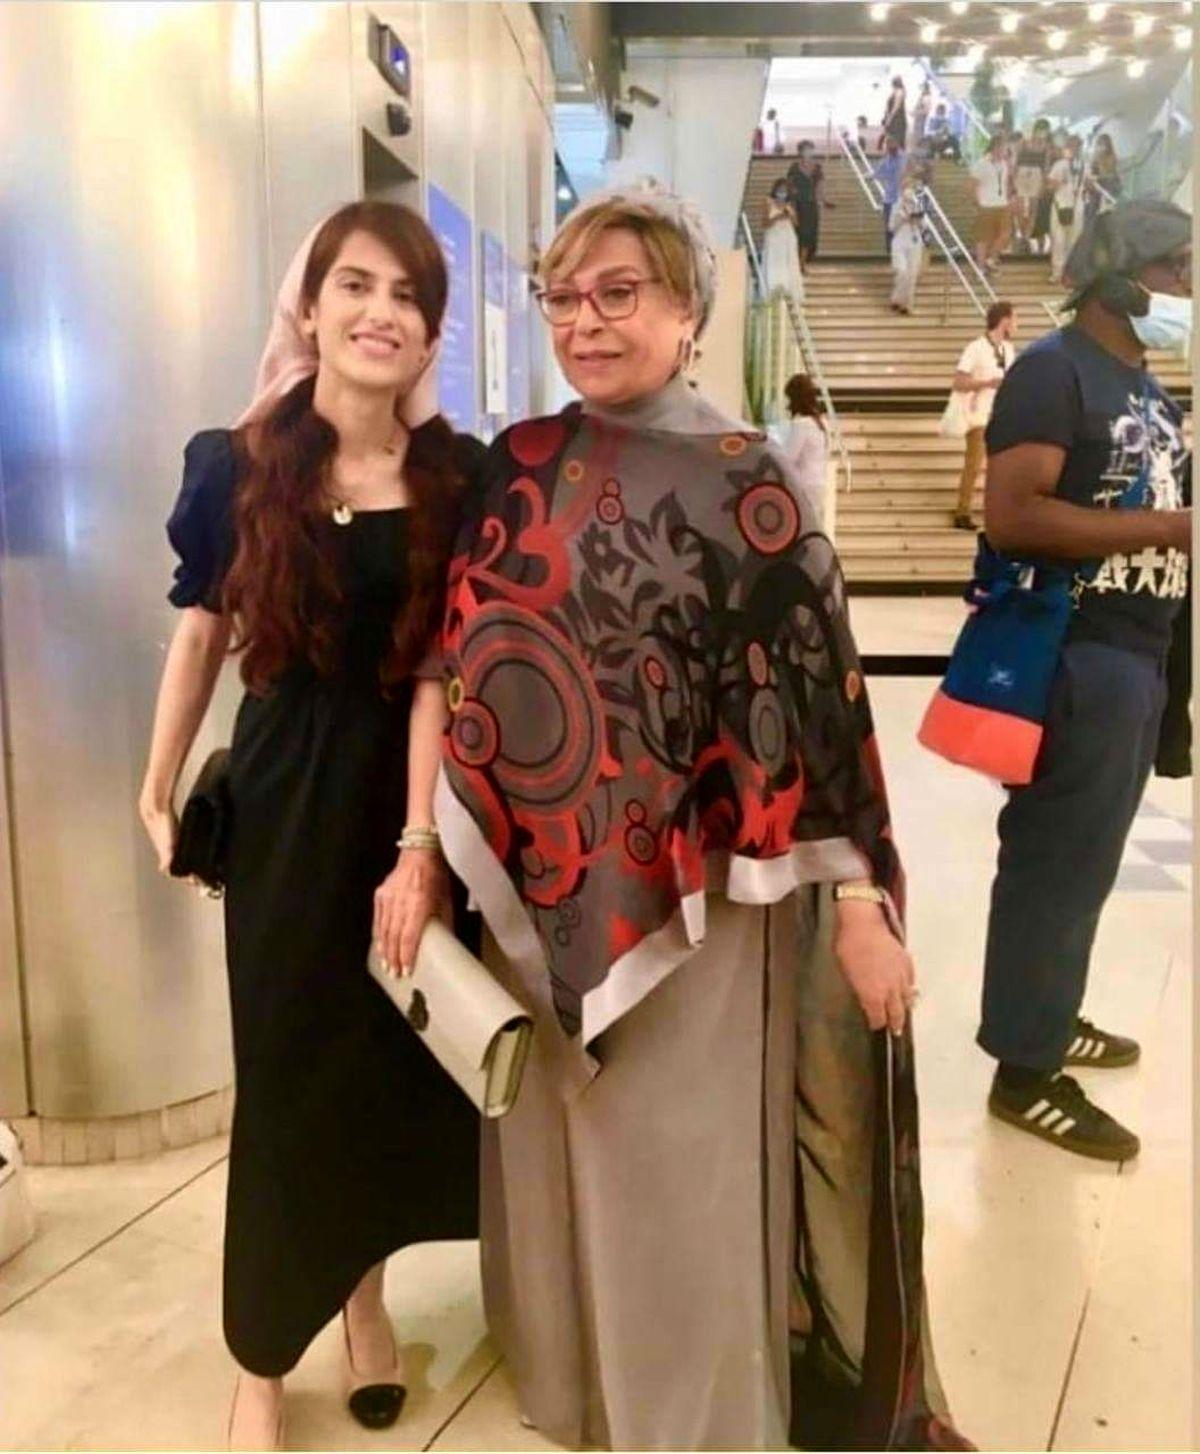 عکس لورفته از گوهر خیراندیش و دختر اصغر فرهادی روی فرش قرمز + عکس